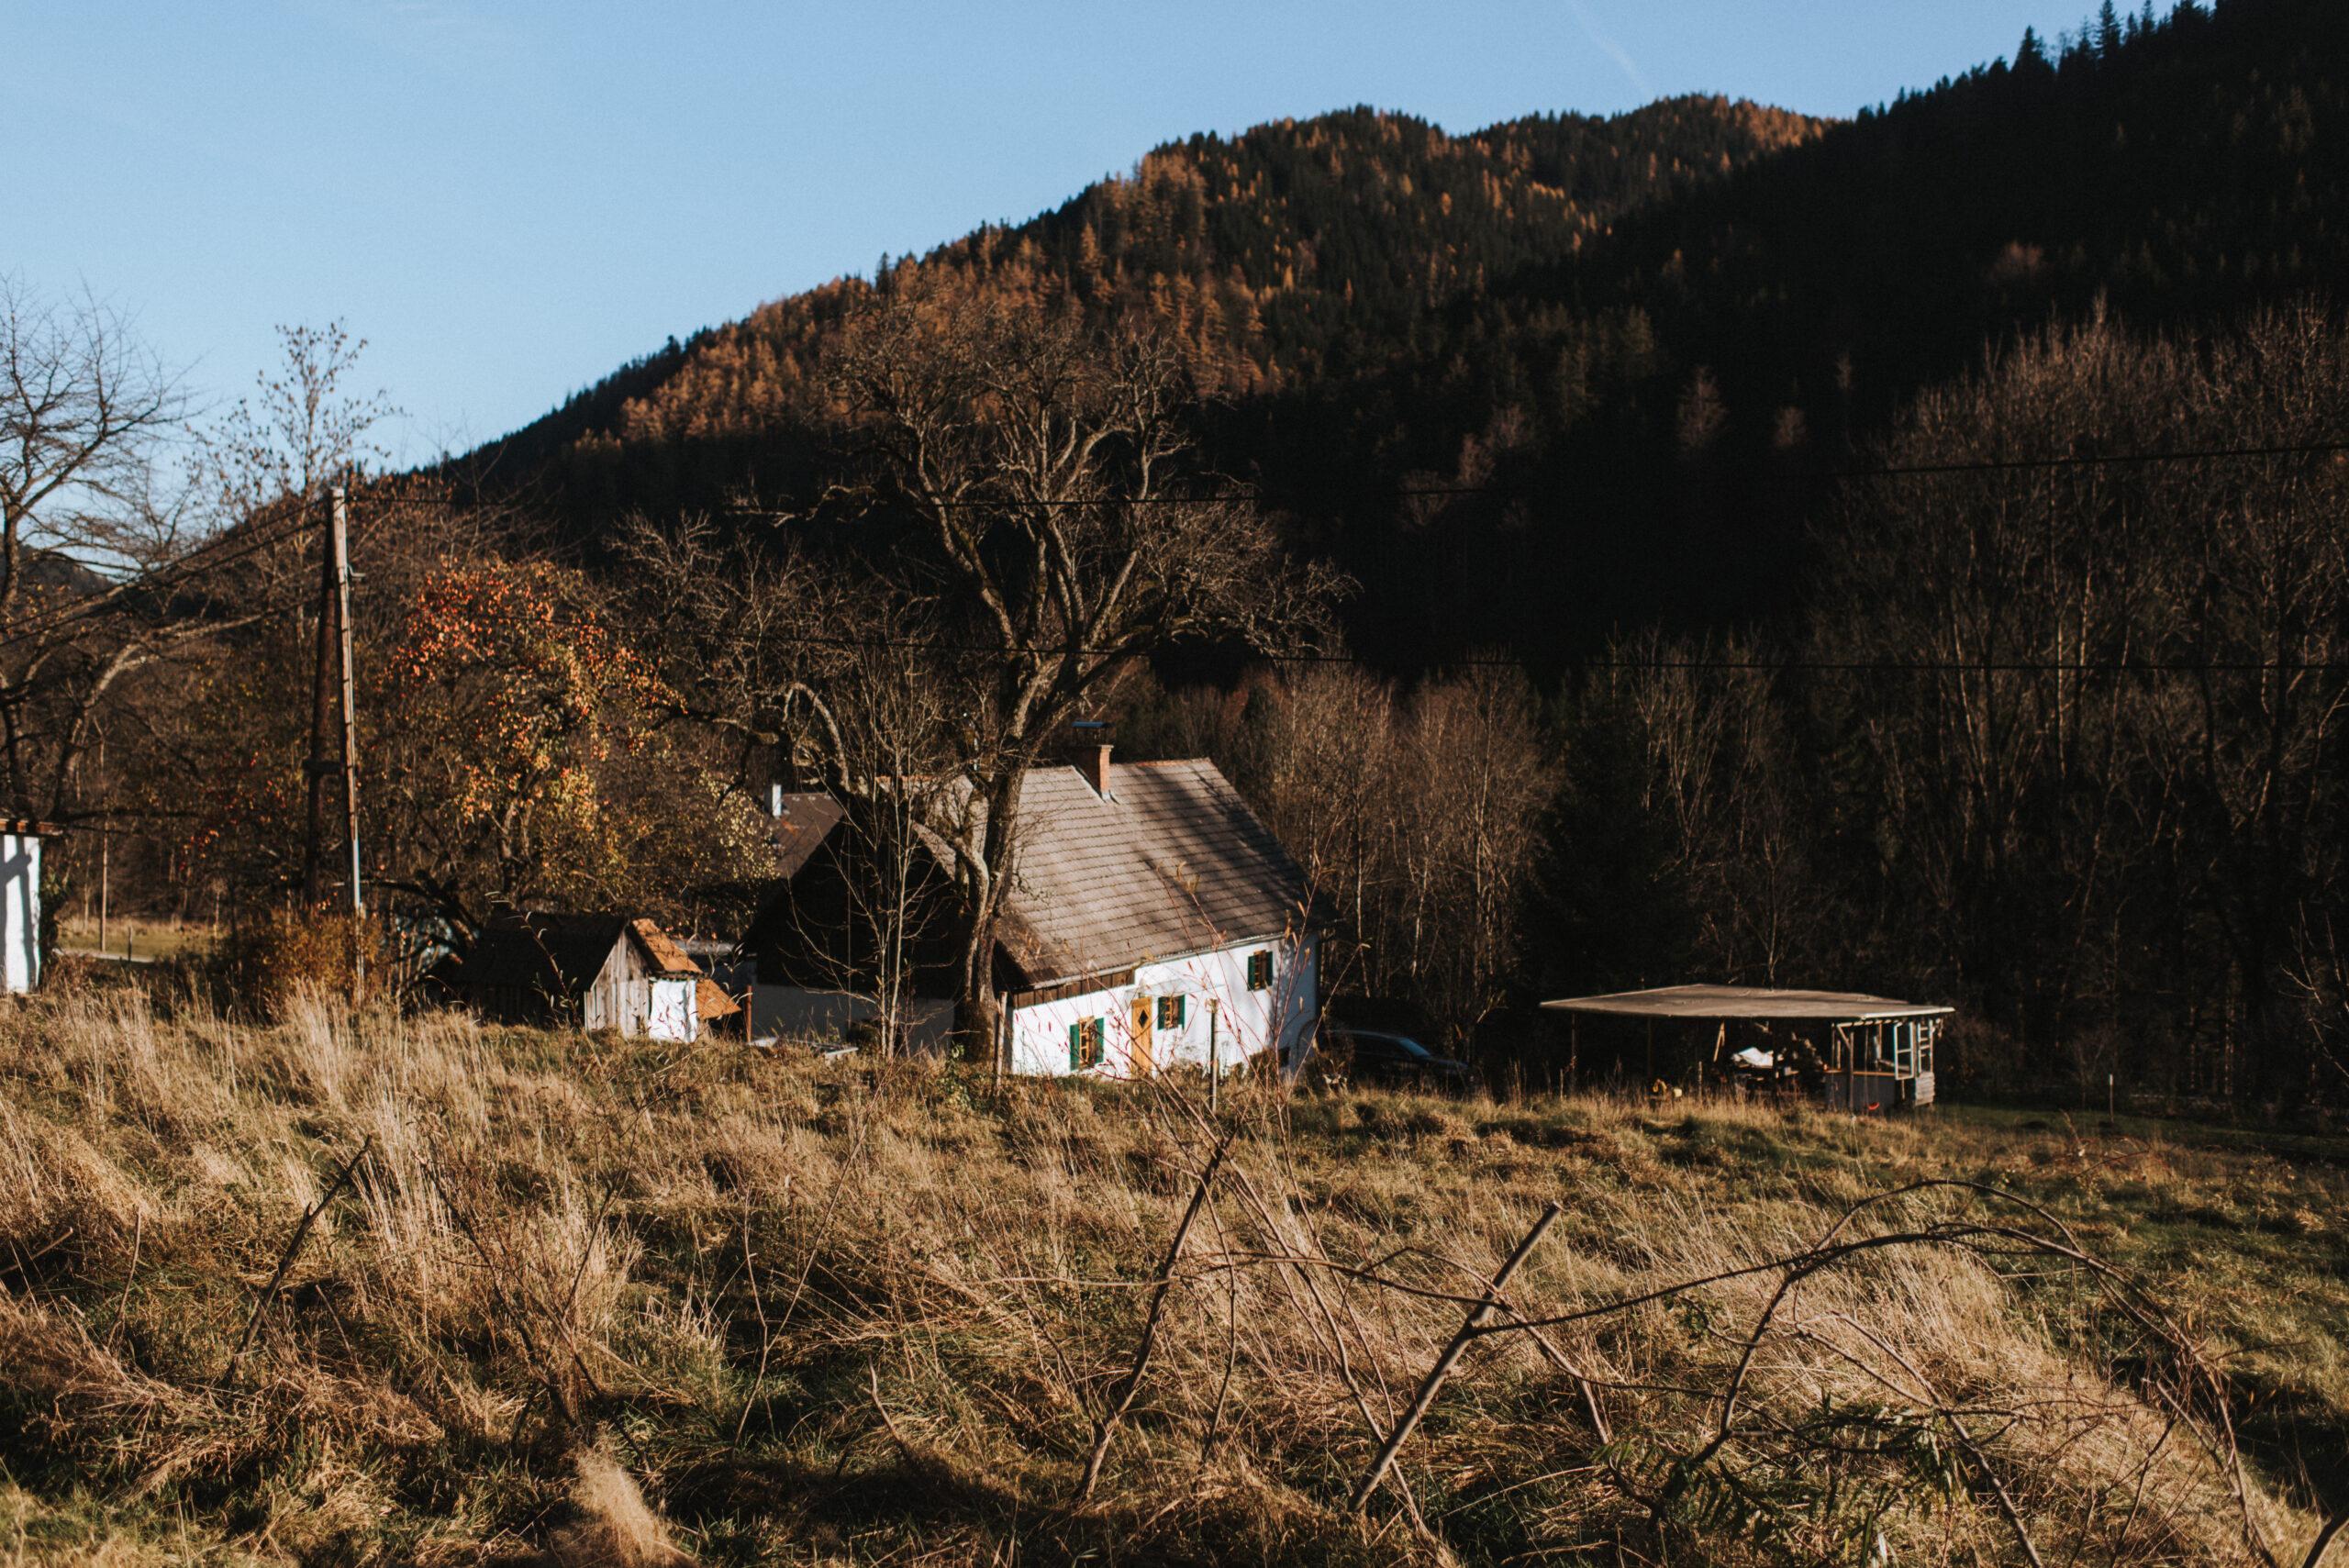 View More: https://katrinfineartphoto.pass.us/mongolischejurte